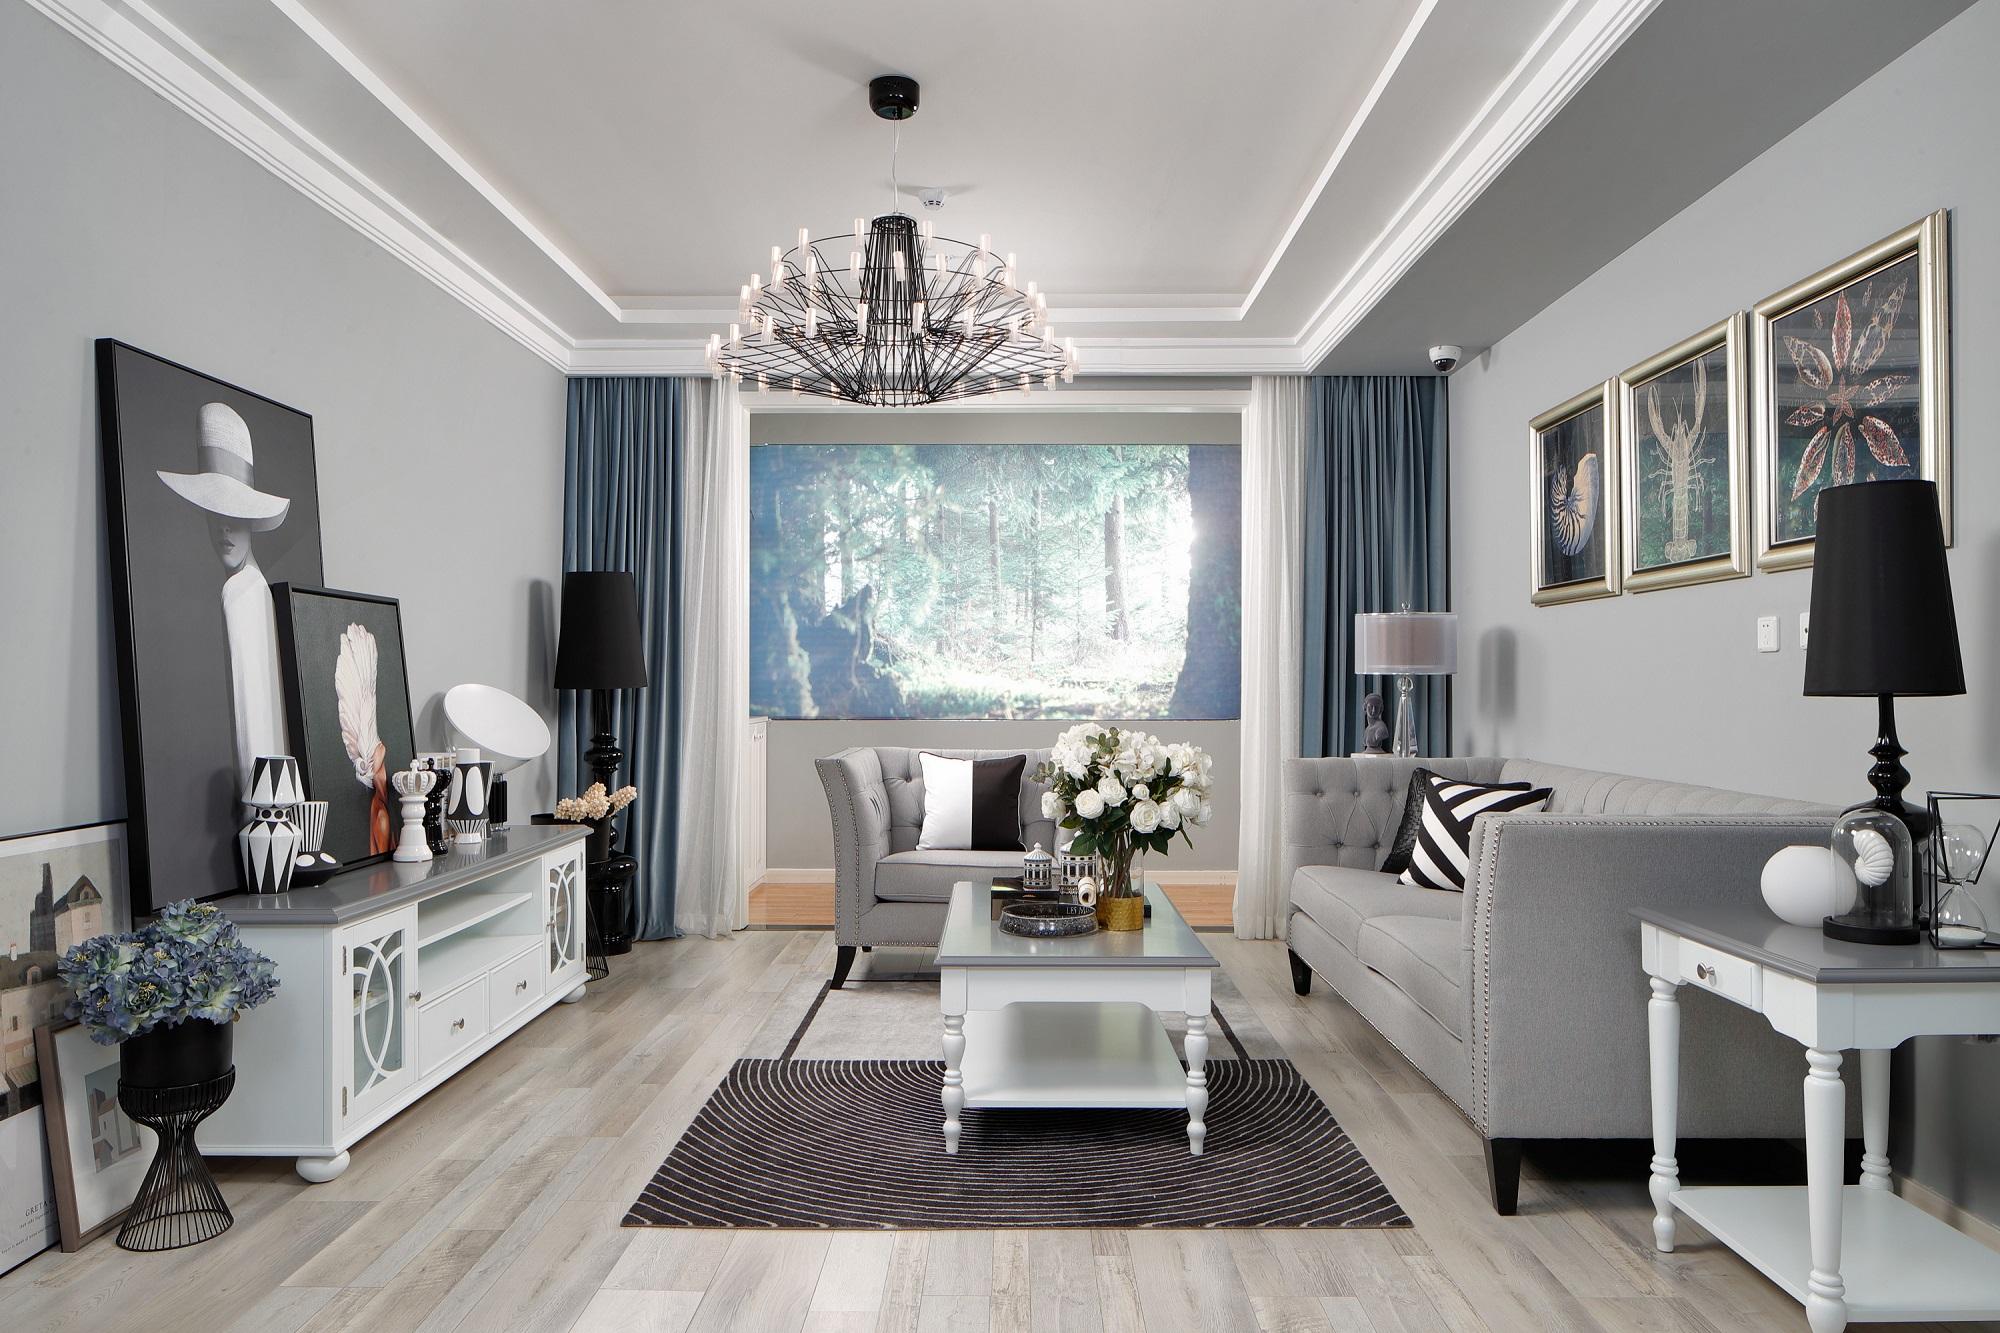 整个客厅大气整洁,设计错落有致,很温聲,很精致。